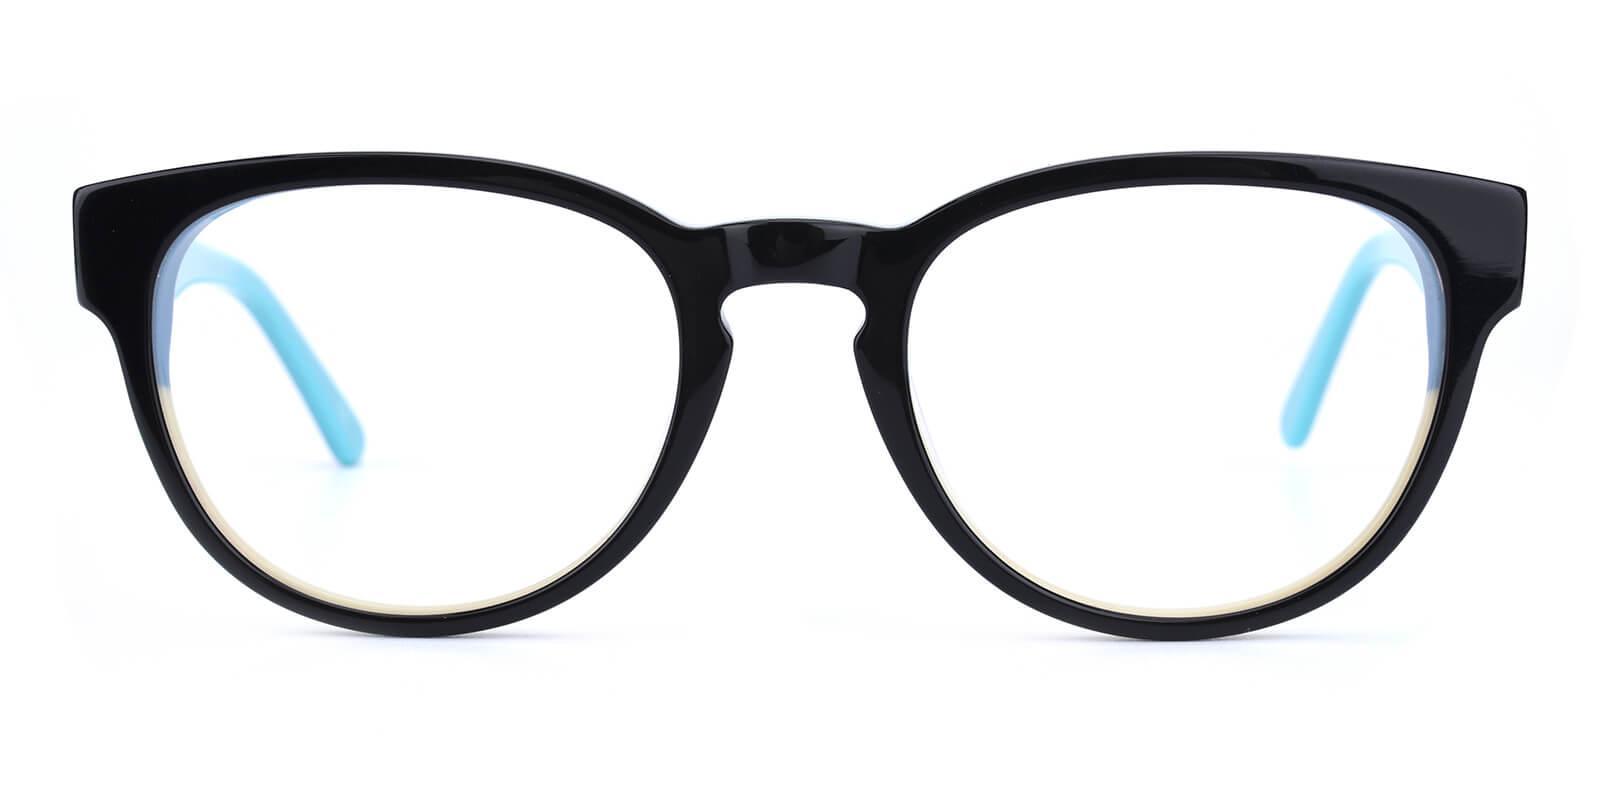 Bringmo-Blue-Round / Cat-Acetate-Eyeglasses-additional2